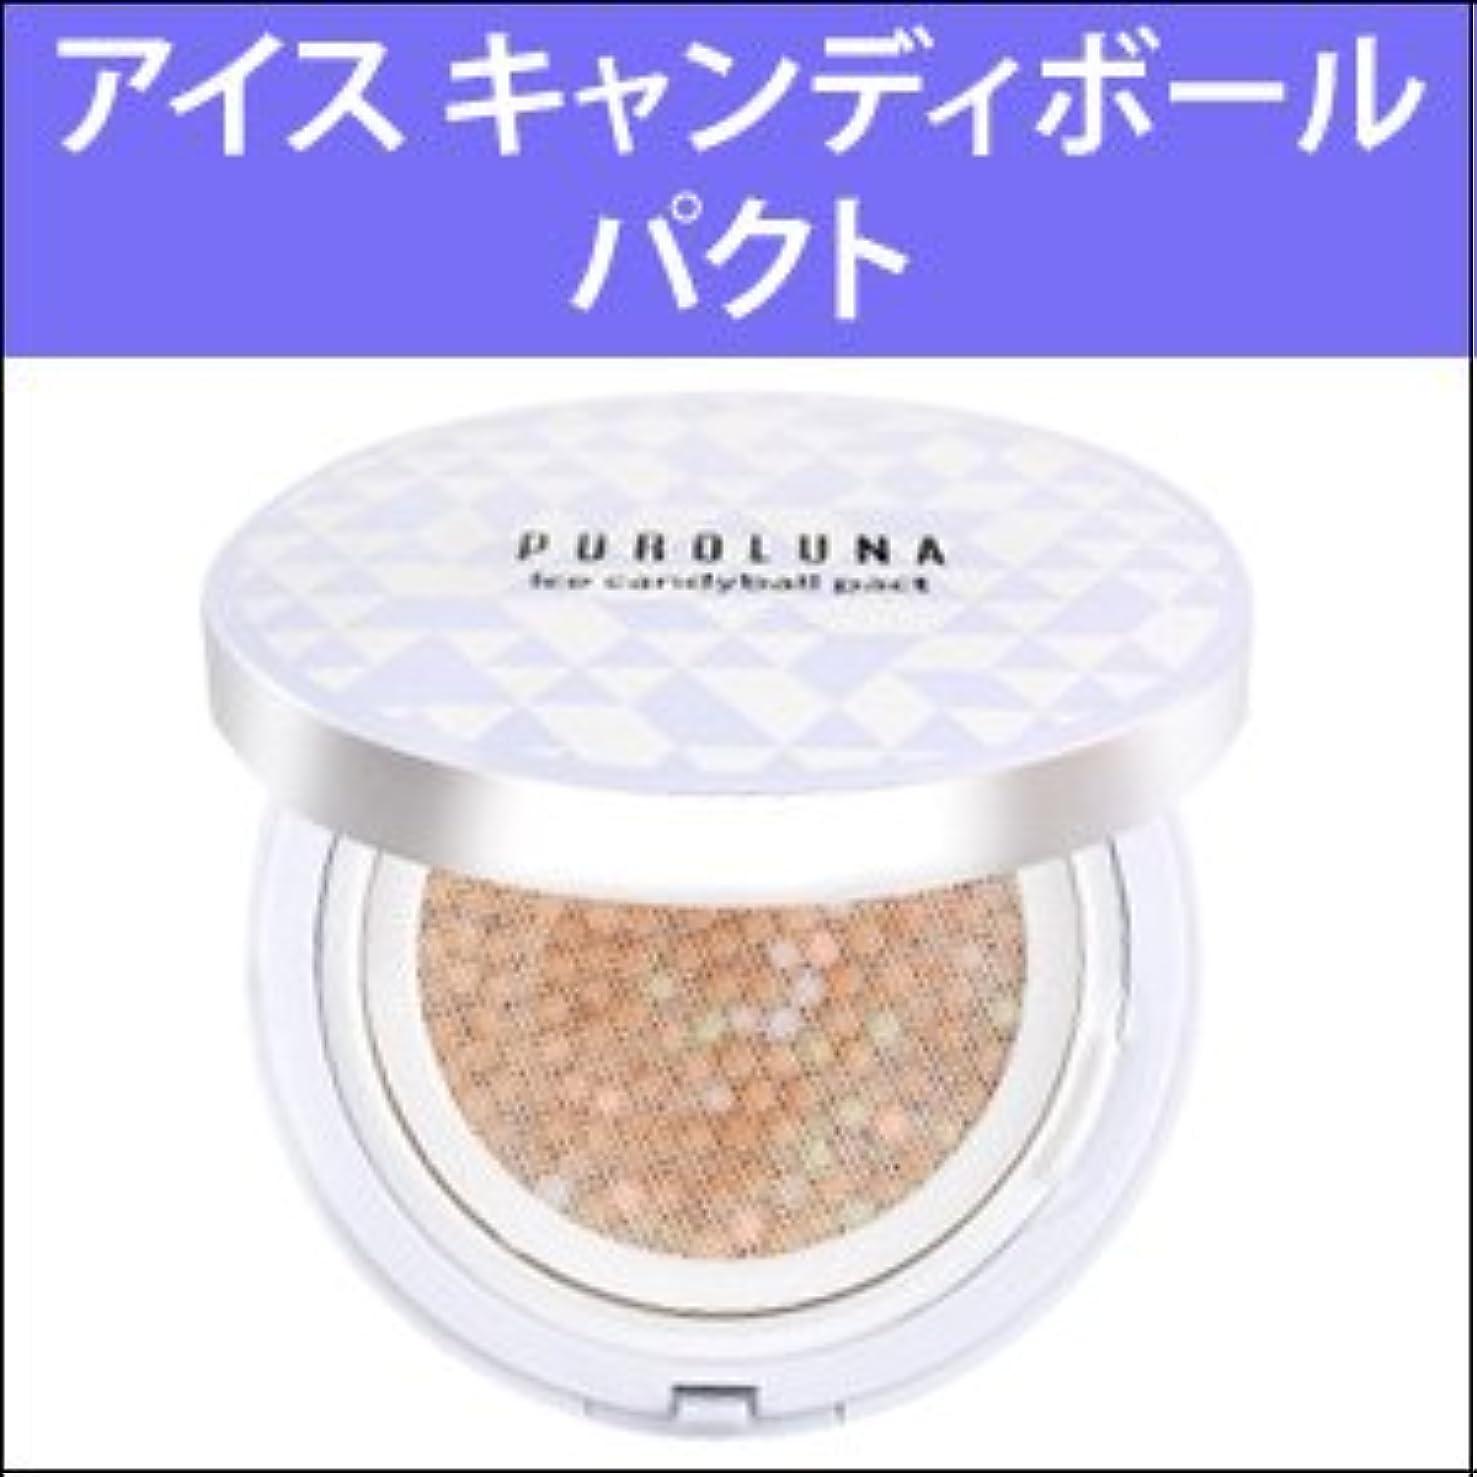 『PUROLUNA?プロルナ』 アイス キャンディボール パクト(SPF50+/PA+++) カラー:2号 ベージュ